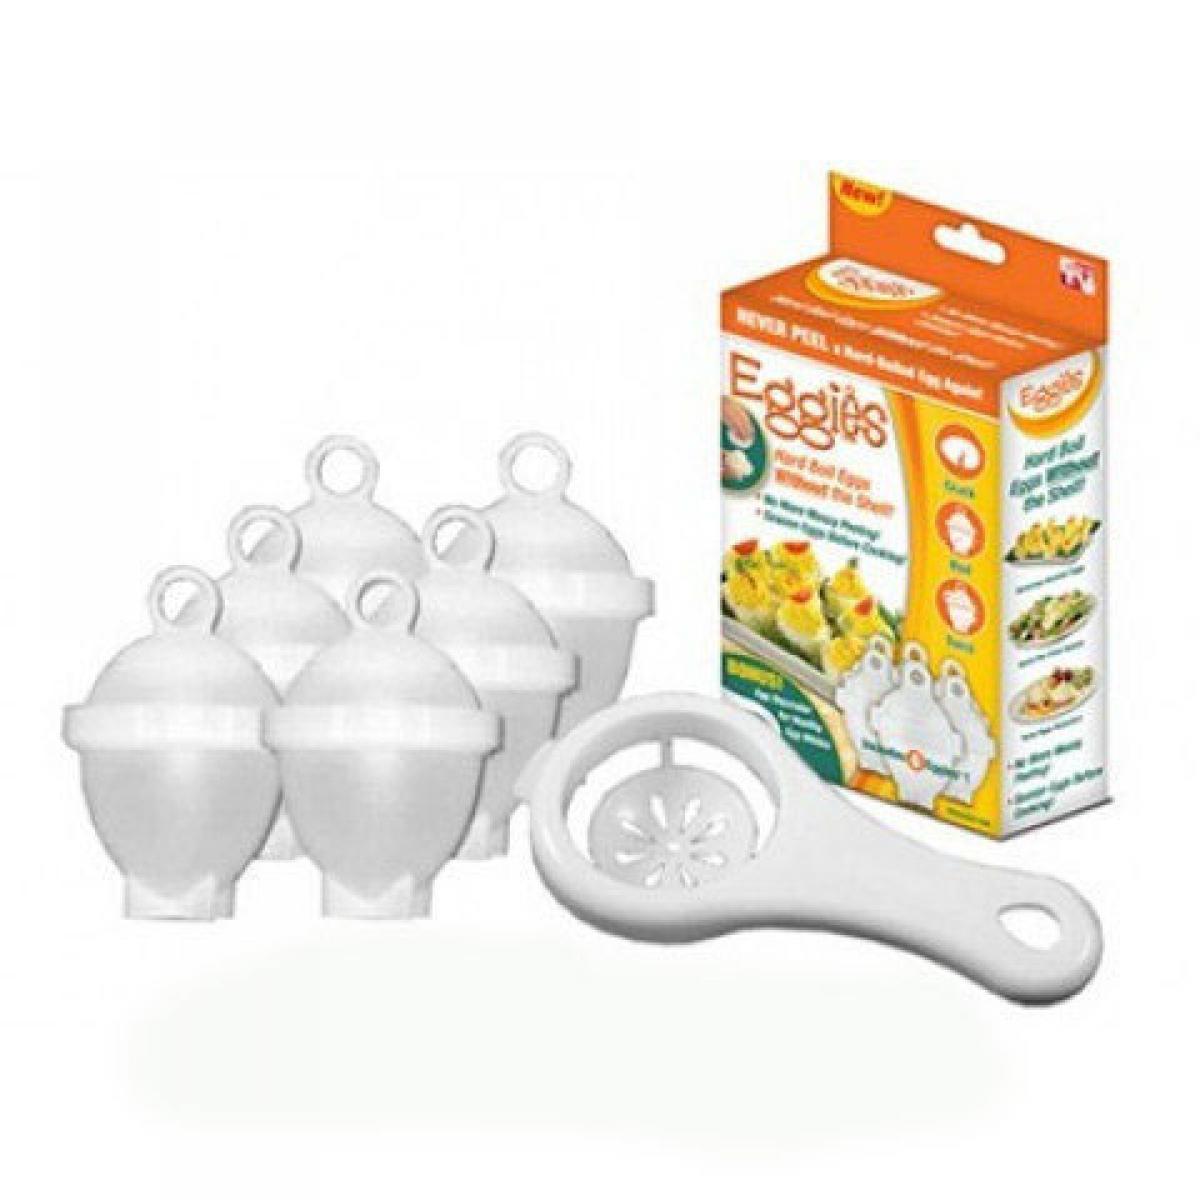 Формочки для варки яиц без скорлупы Empire EM-2143